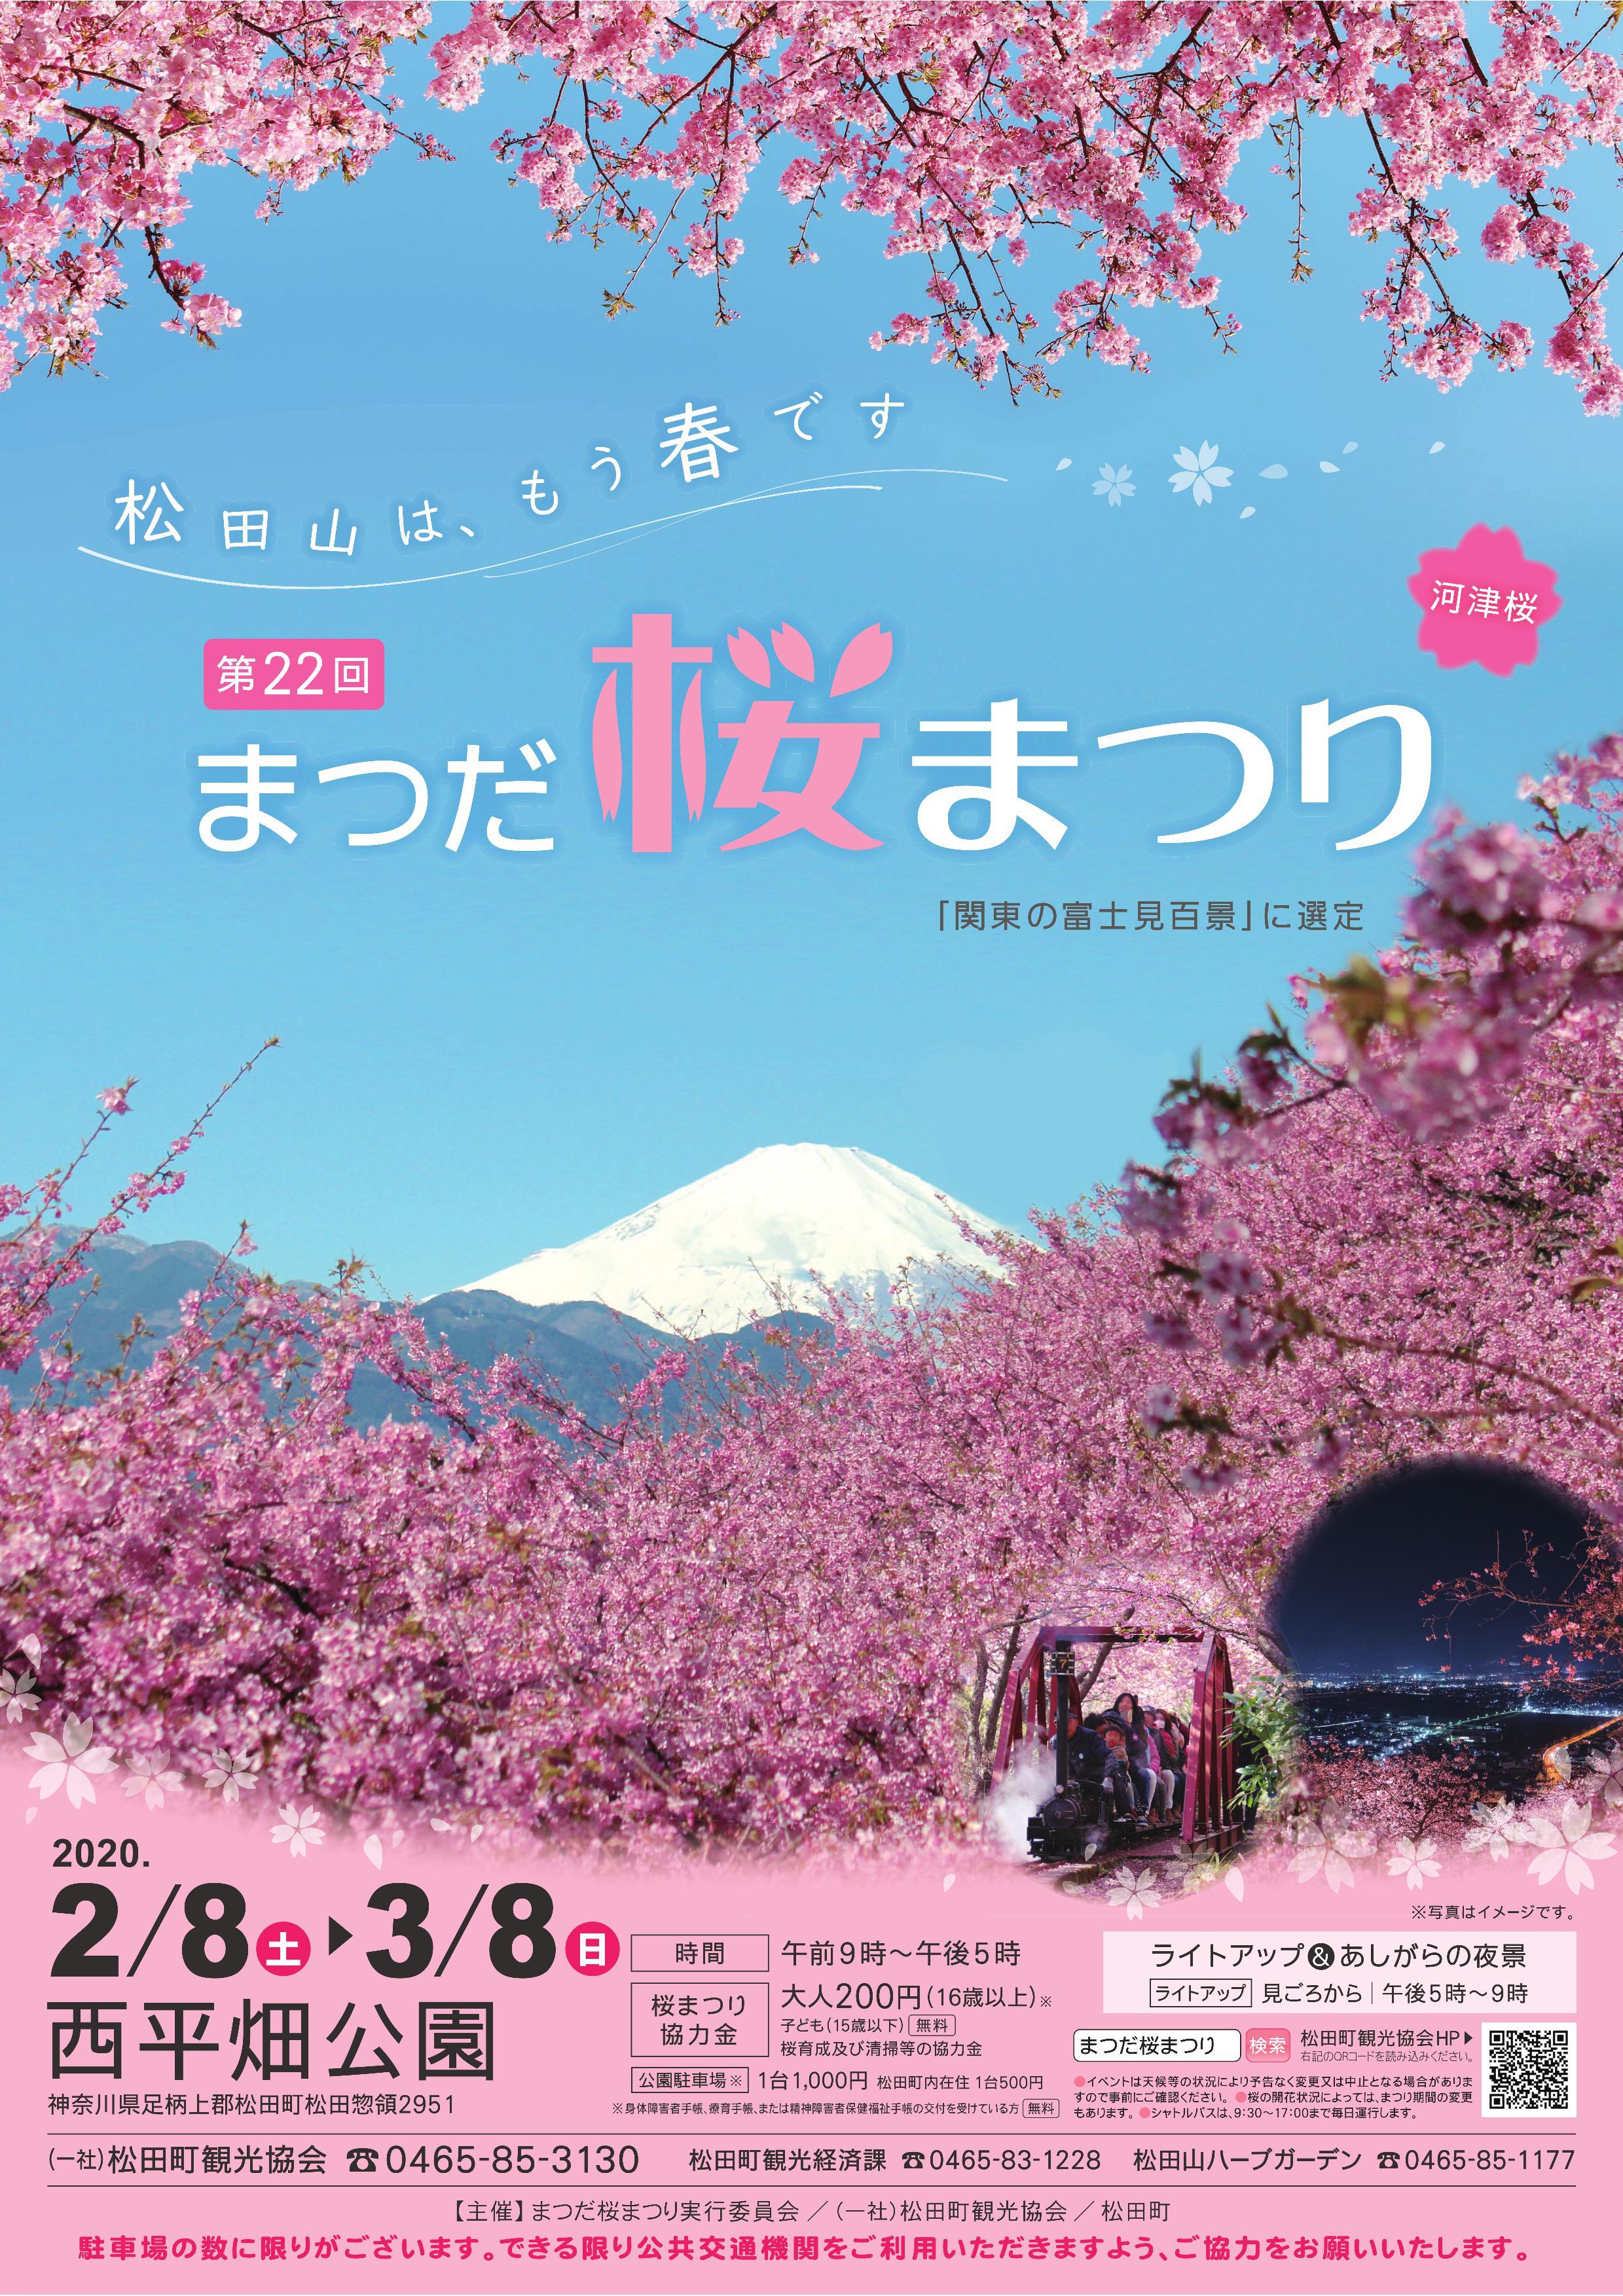 第22回まつだ桜まつり